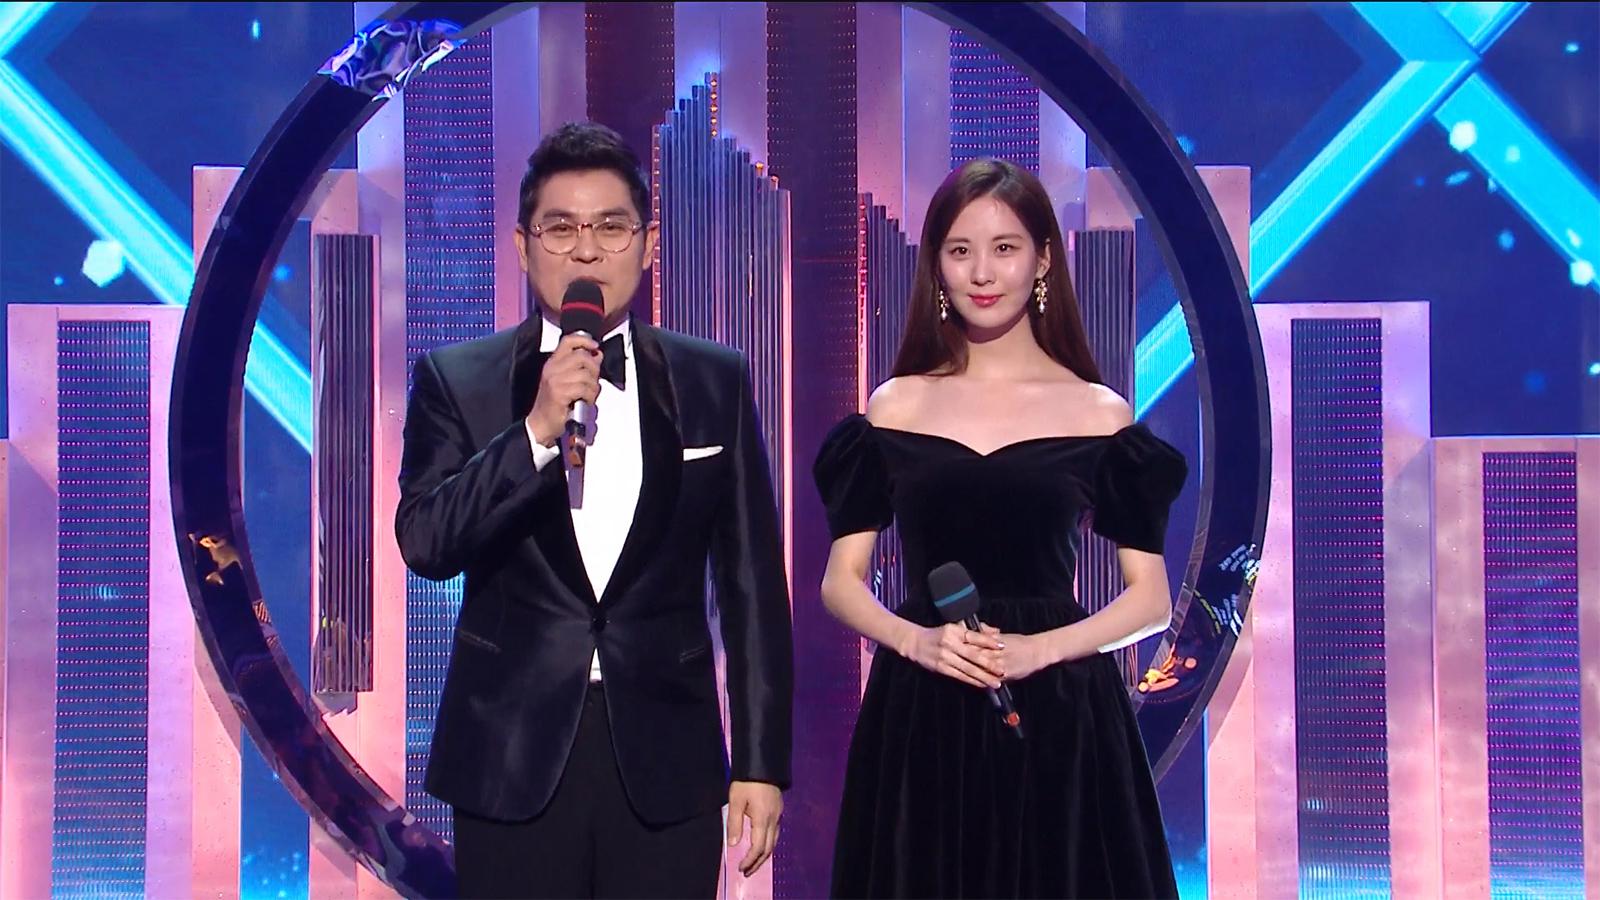 2018 MBC Drama Awards Episode 1